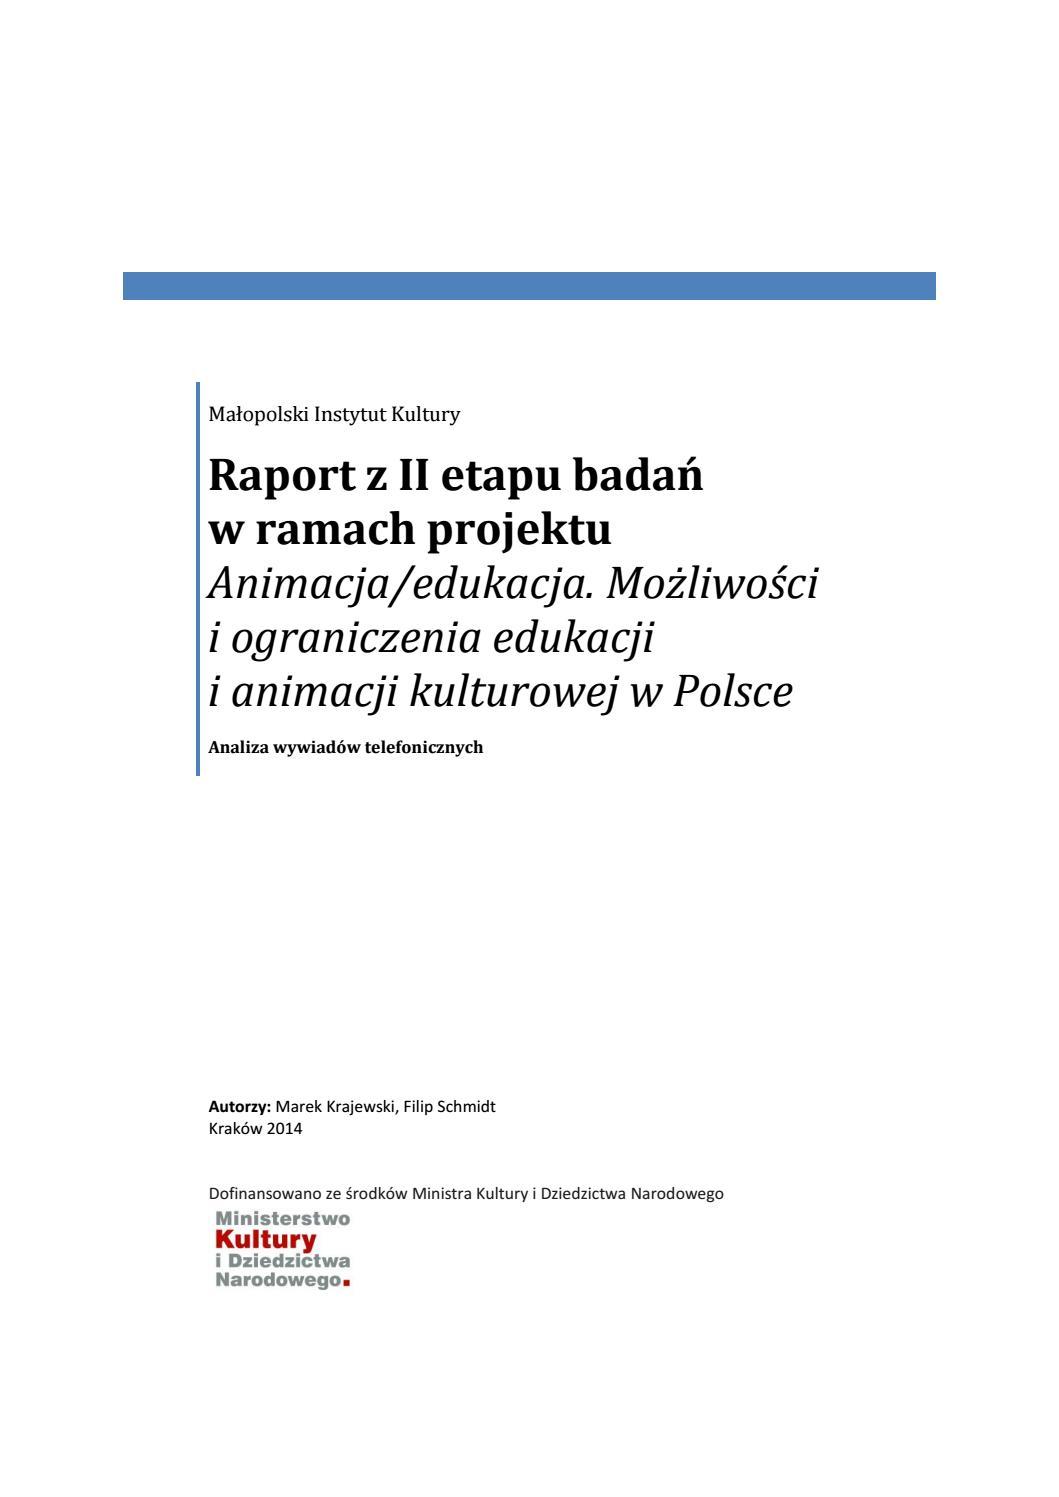 Animacja Edukacja Raport Ii Etap Analiza Wywiadów Telefonicznych By